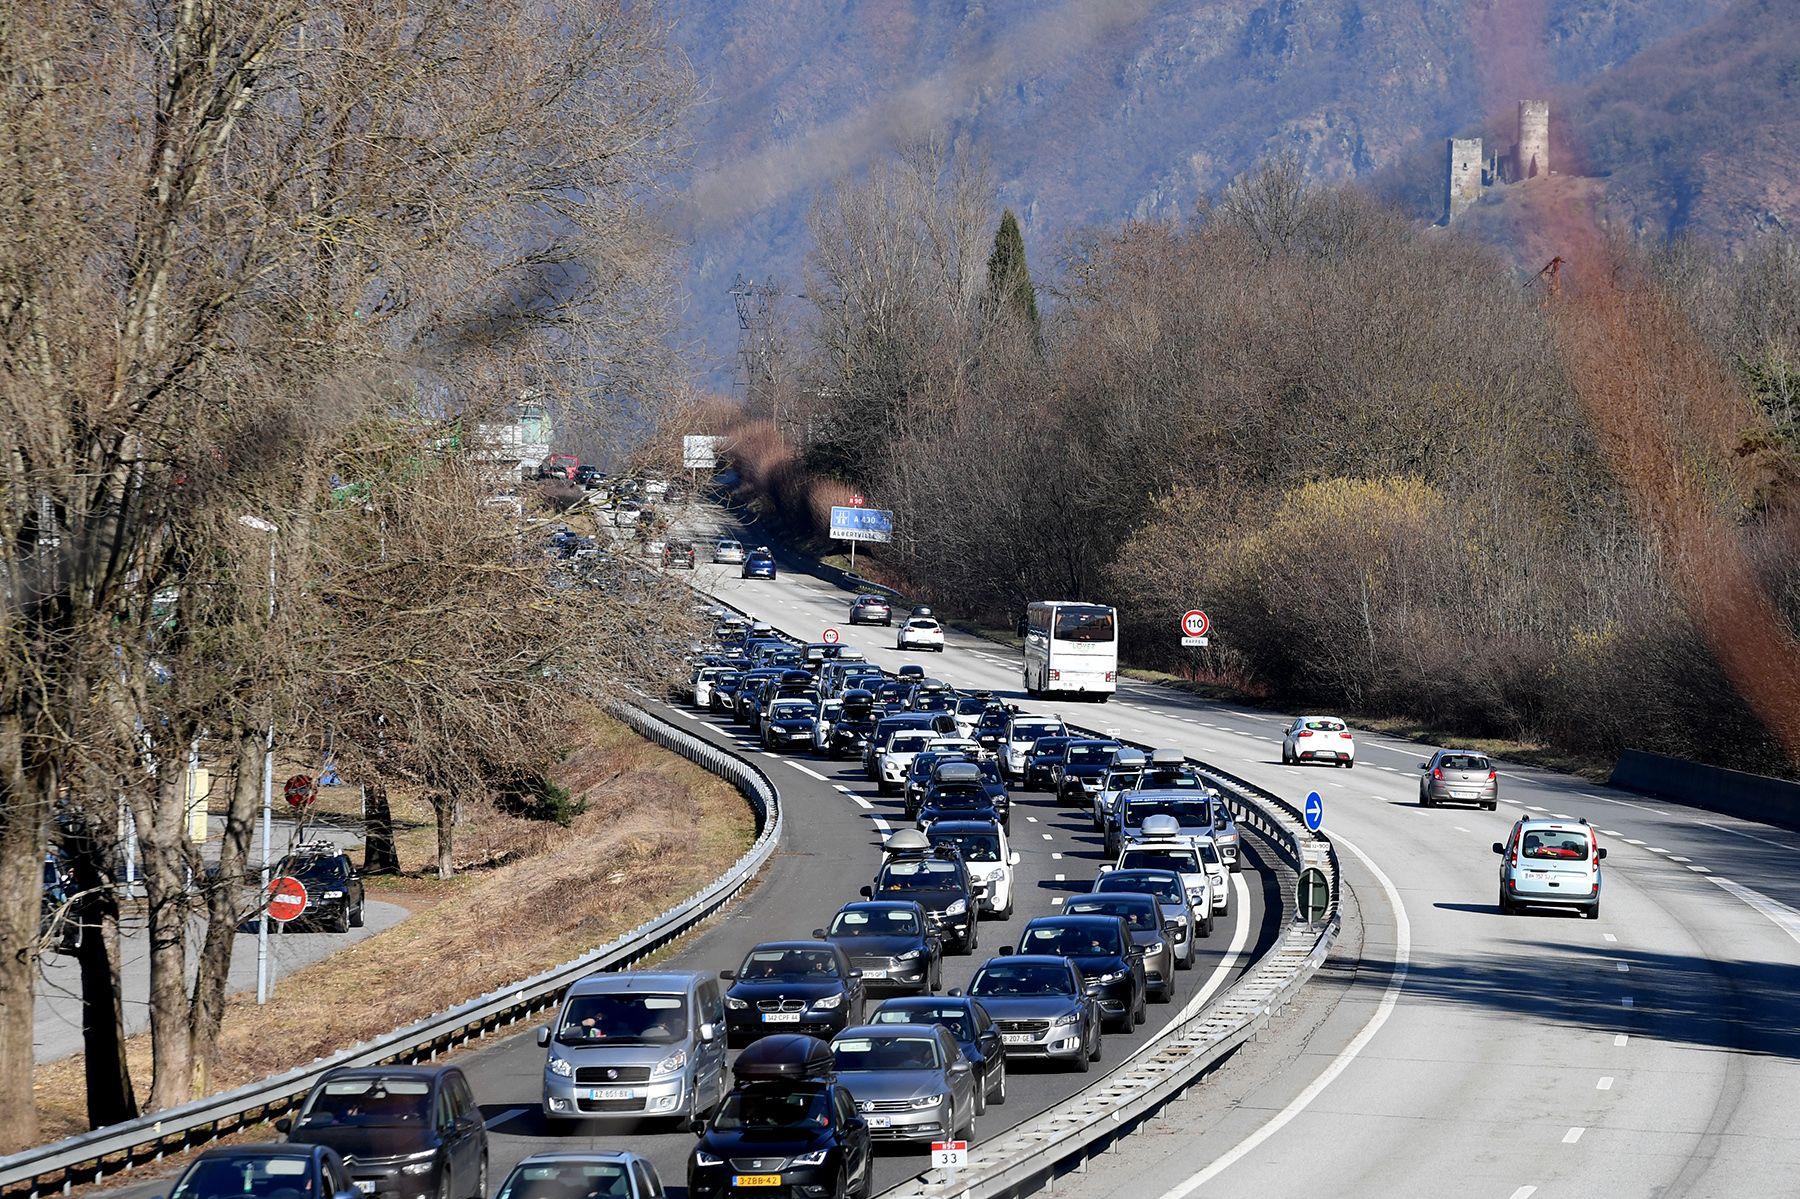 Trafic routier : où passe-t-on le plus de temps dans les embouteillages ?